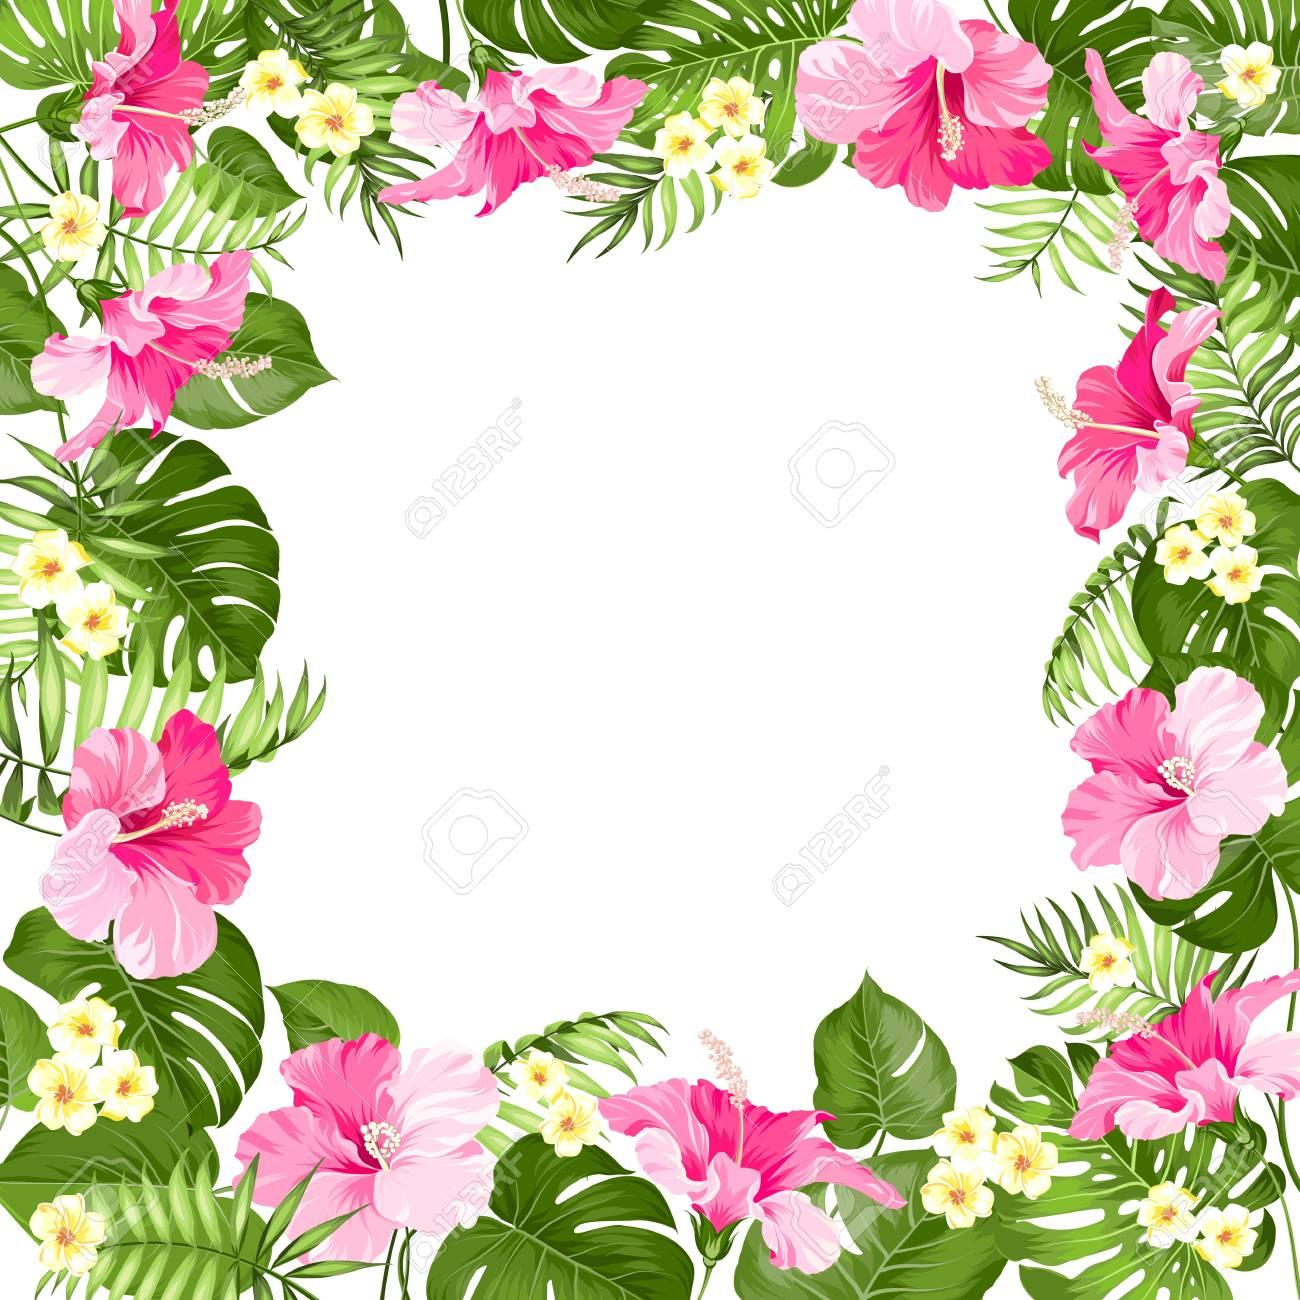 Marco De Flores Tropicales Con Lugar Para Texto De Vacaciones De